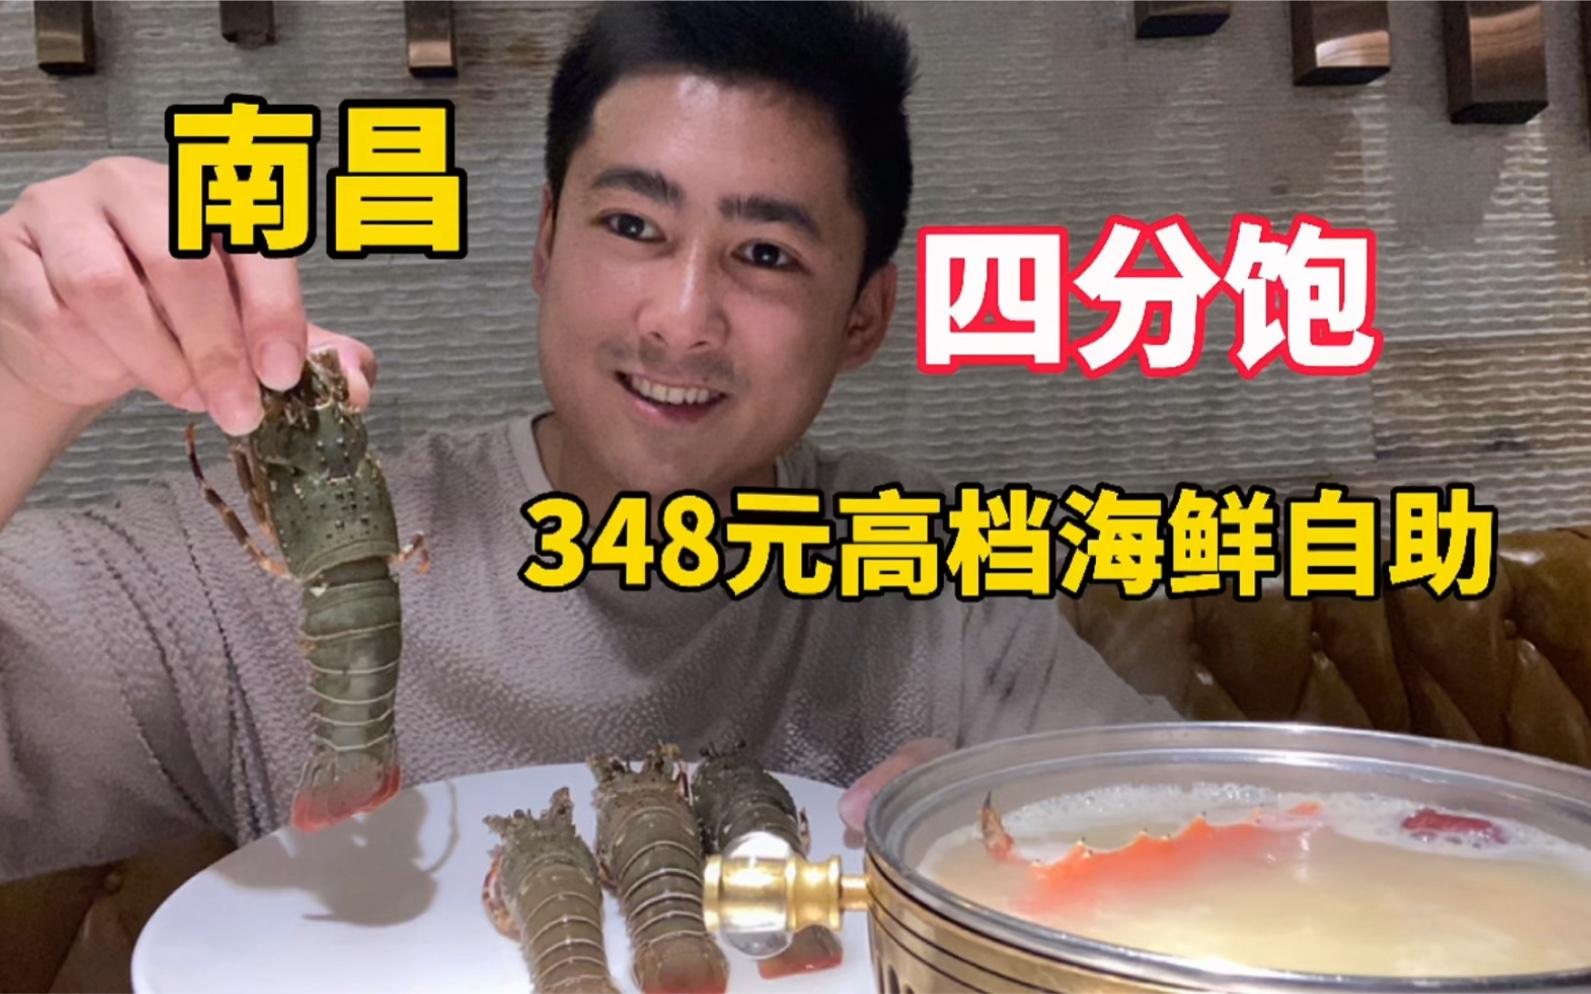 南昌348元高档海鲜自助, 榴莲、小青龙特别好吃, 但是没吃爽。